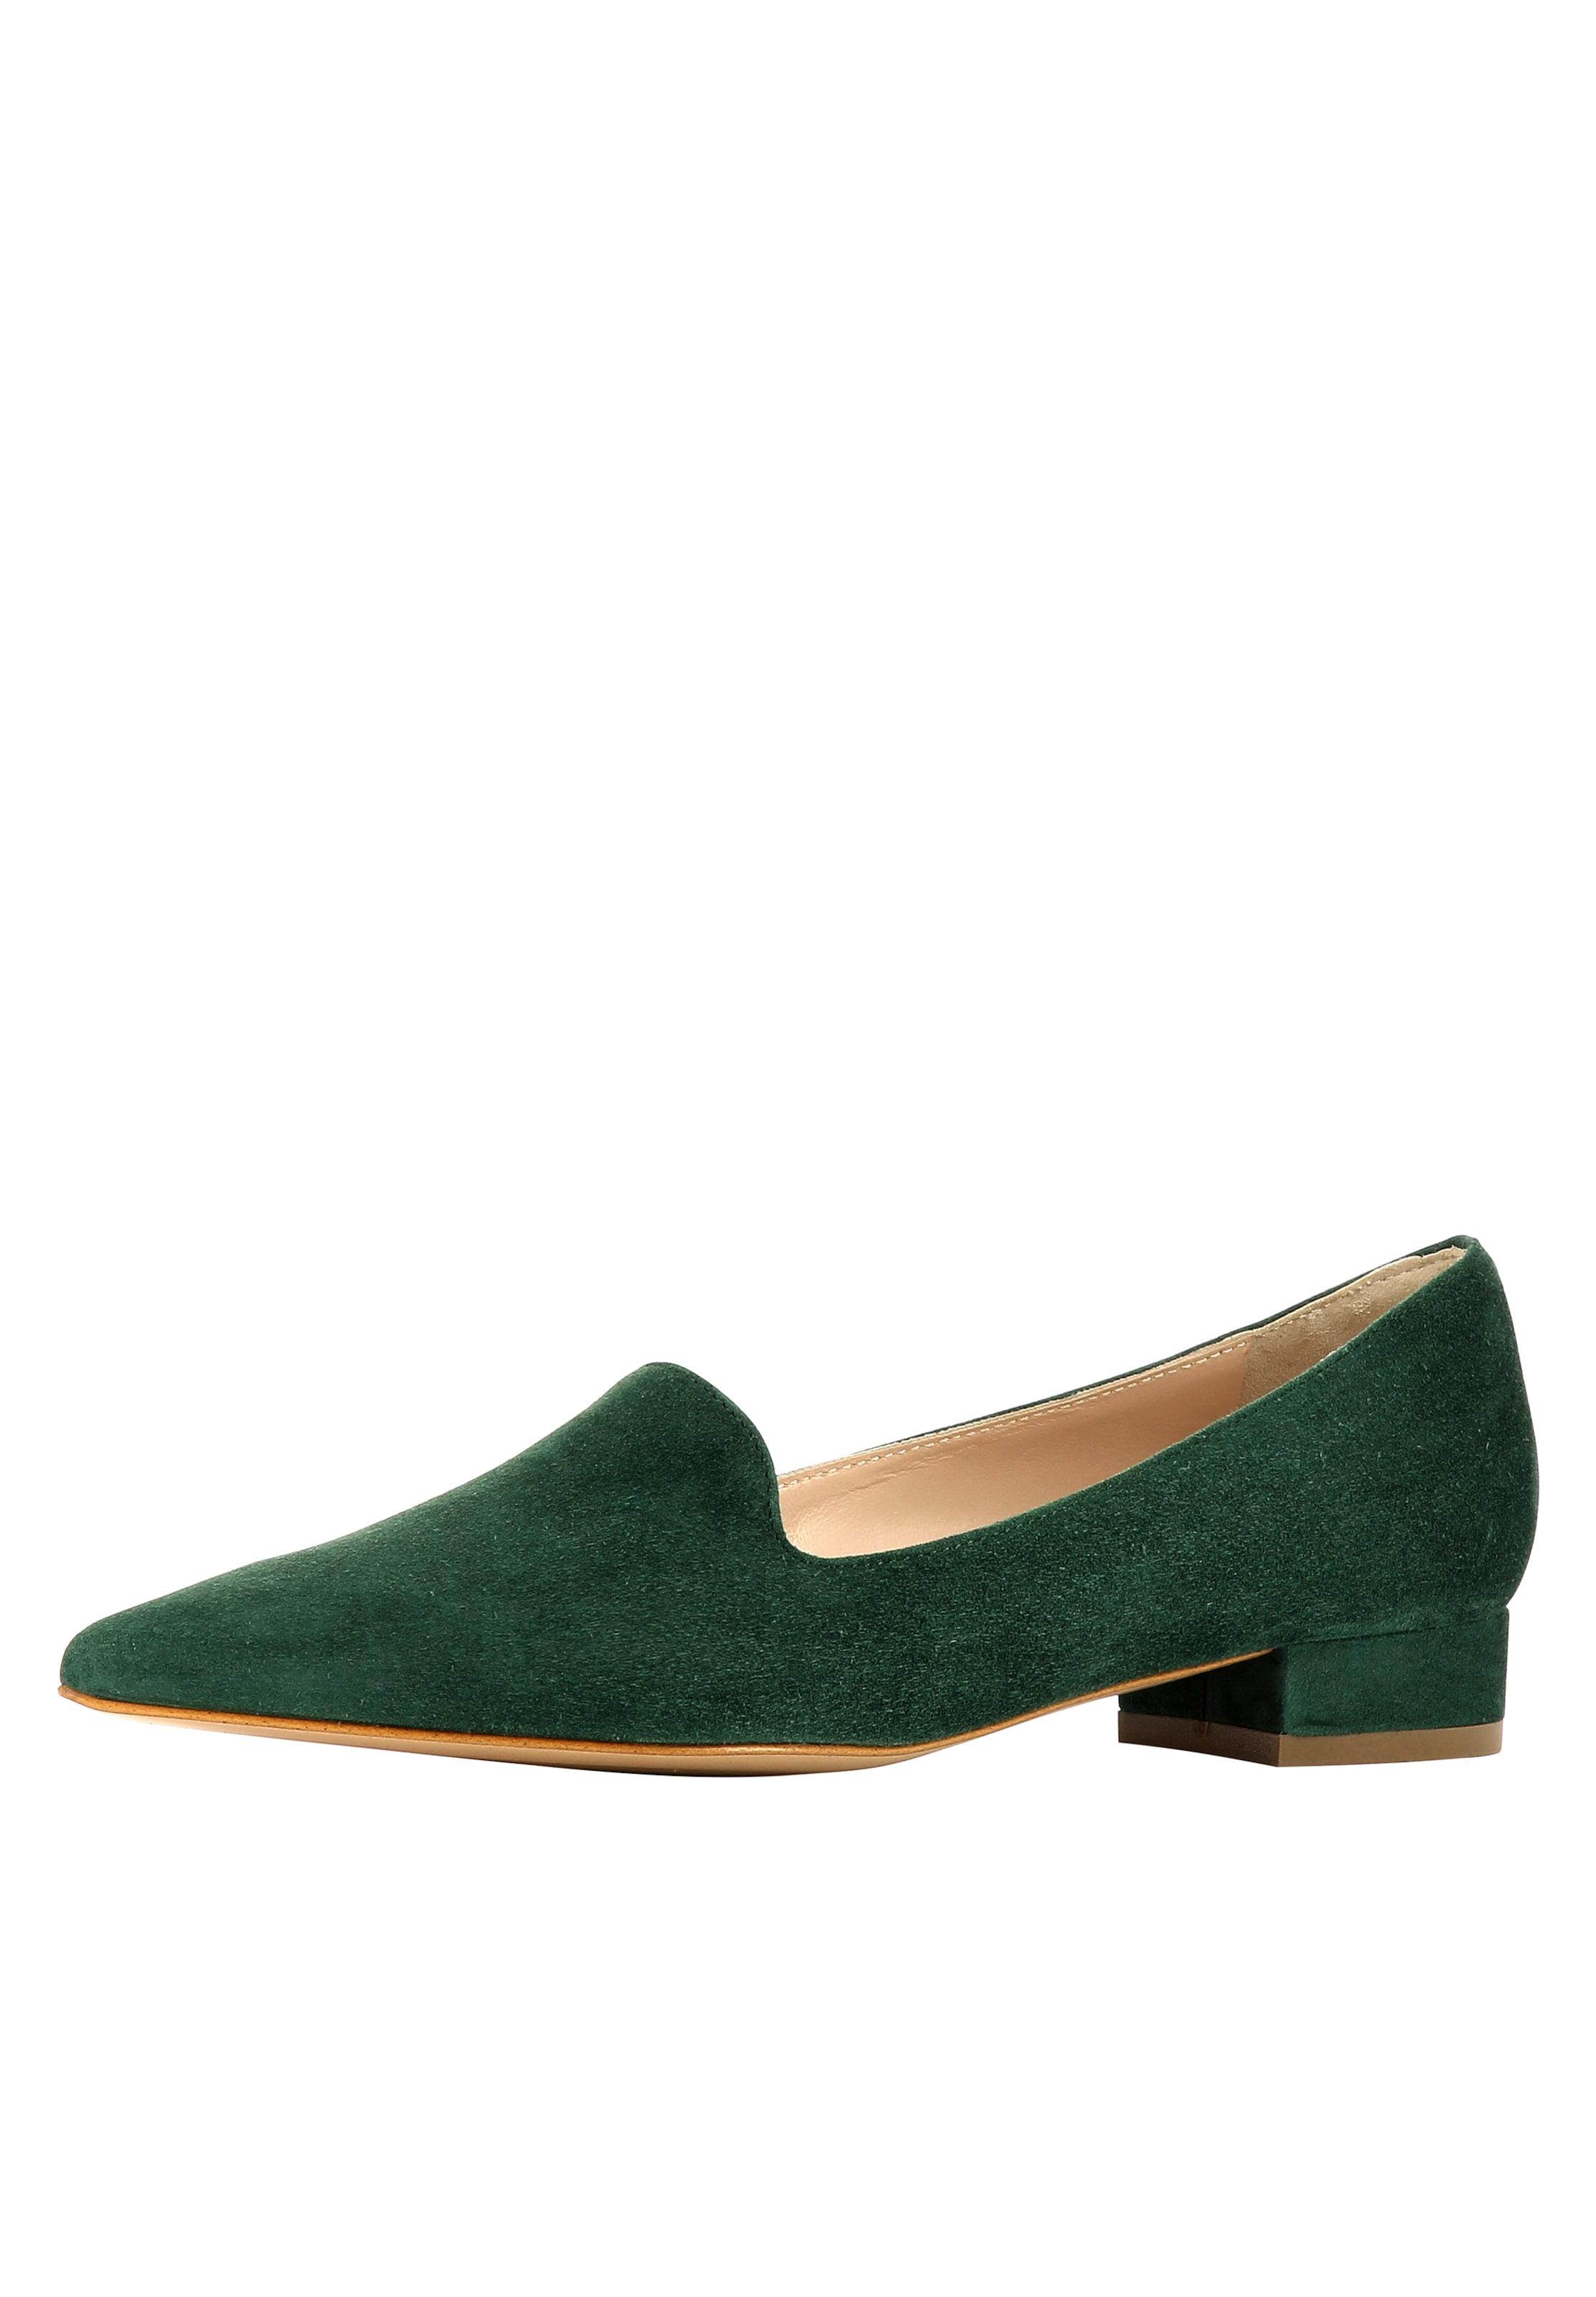 EVITA Slipper Günstige und langlebige Schuhe